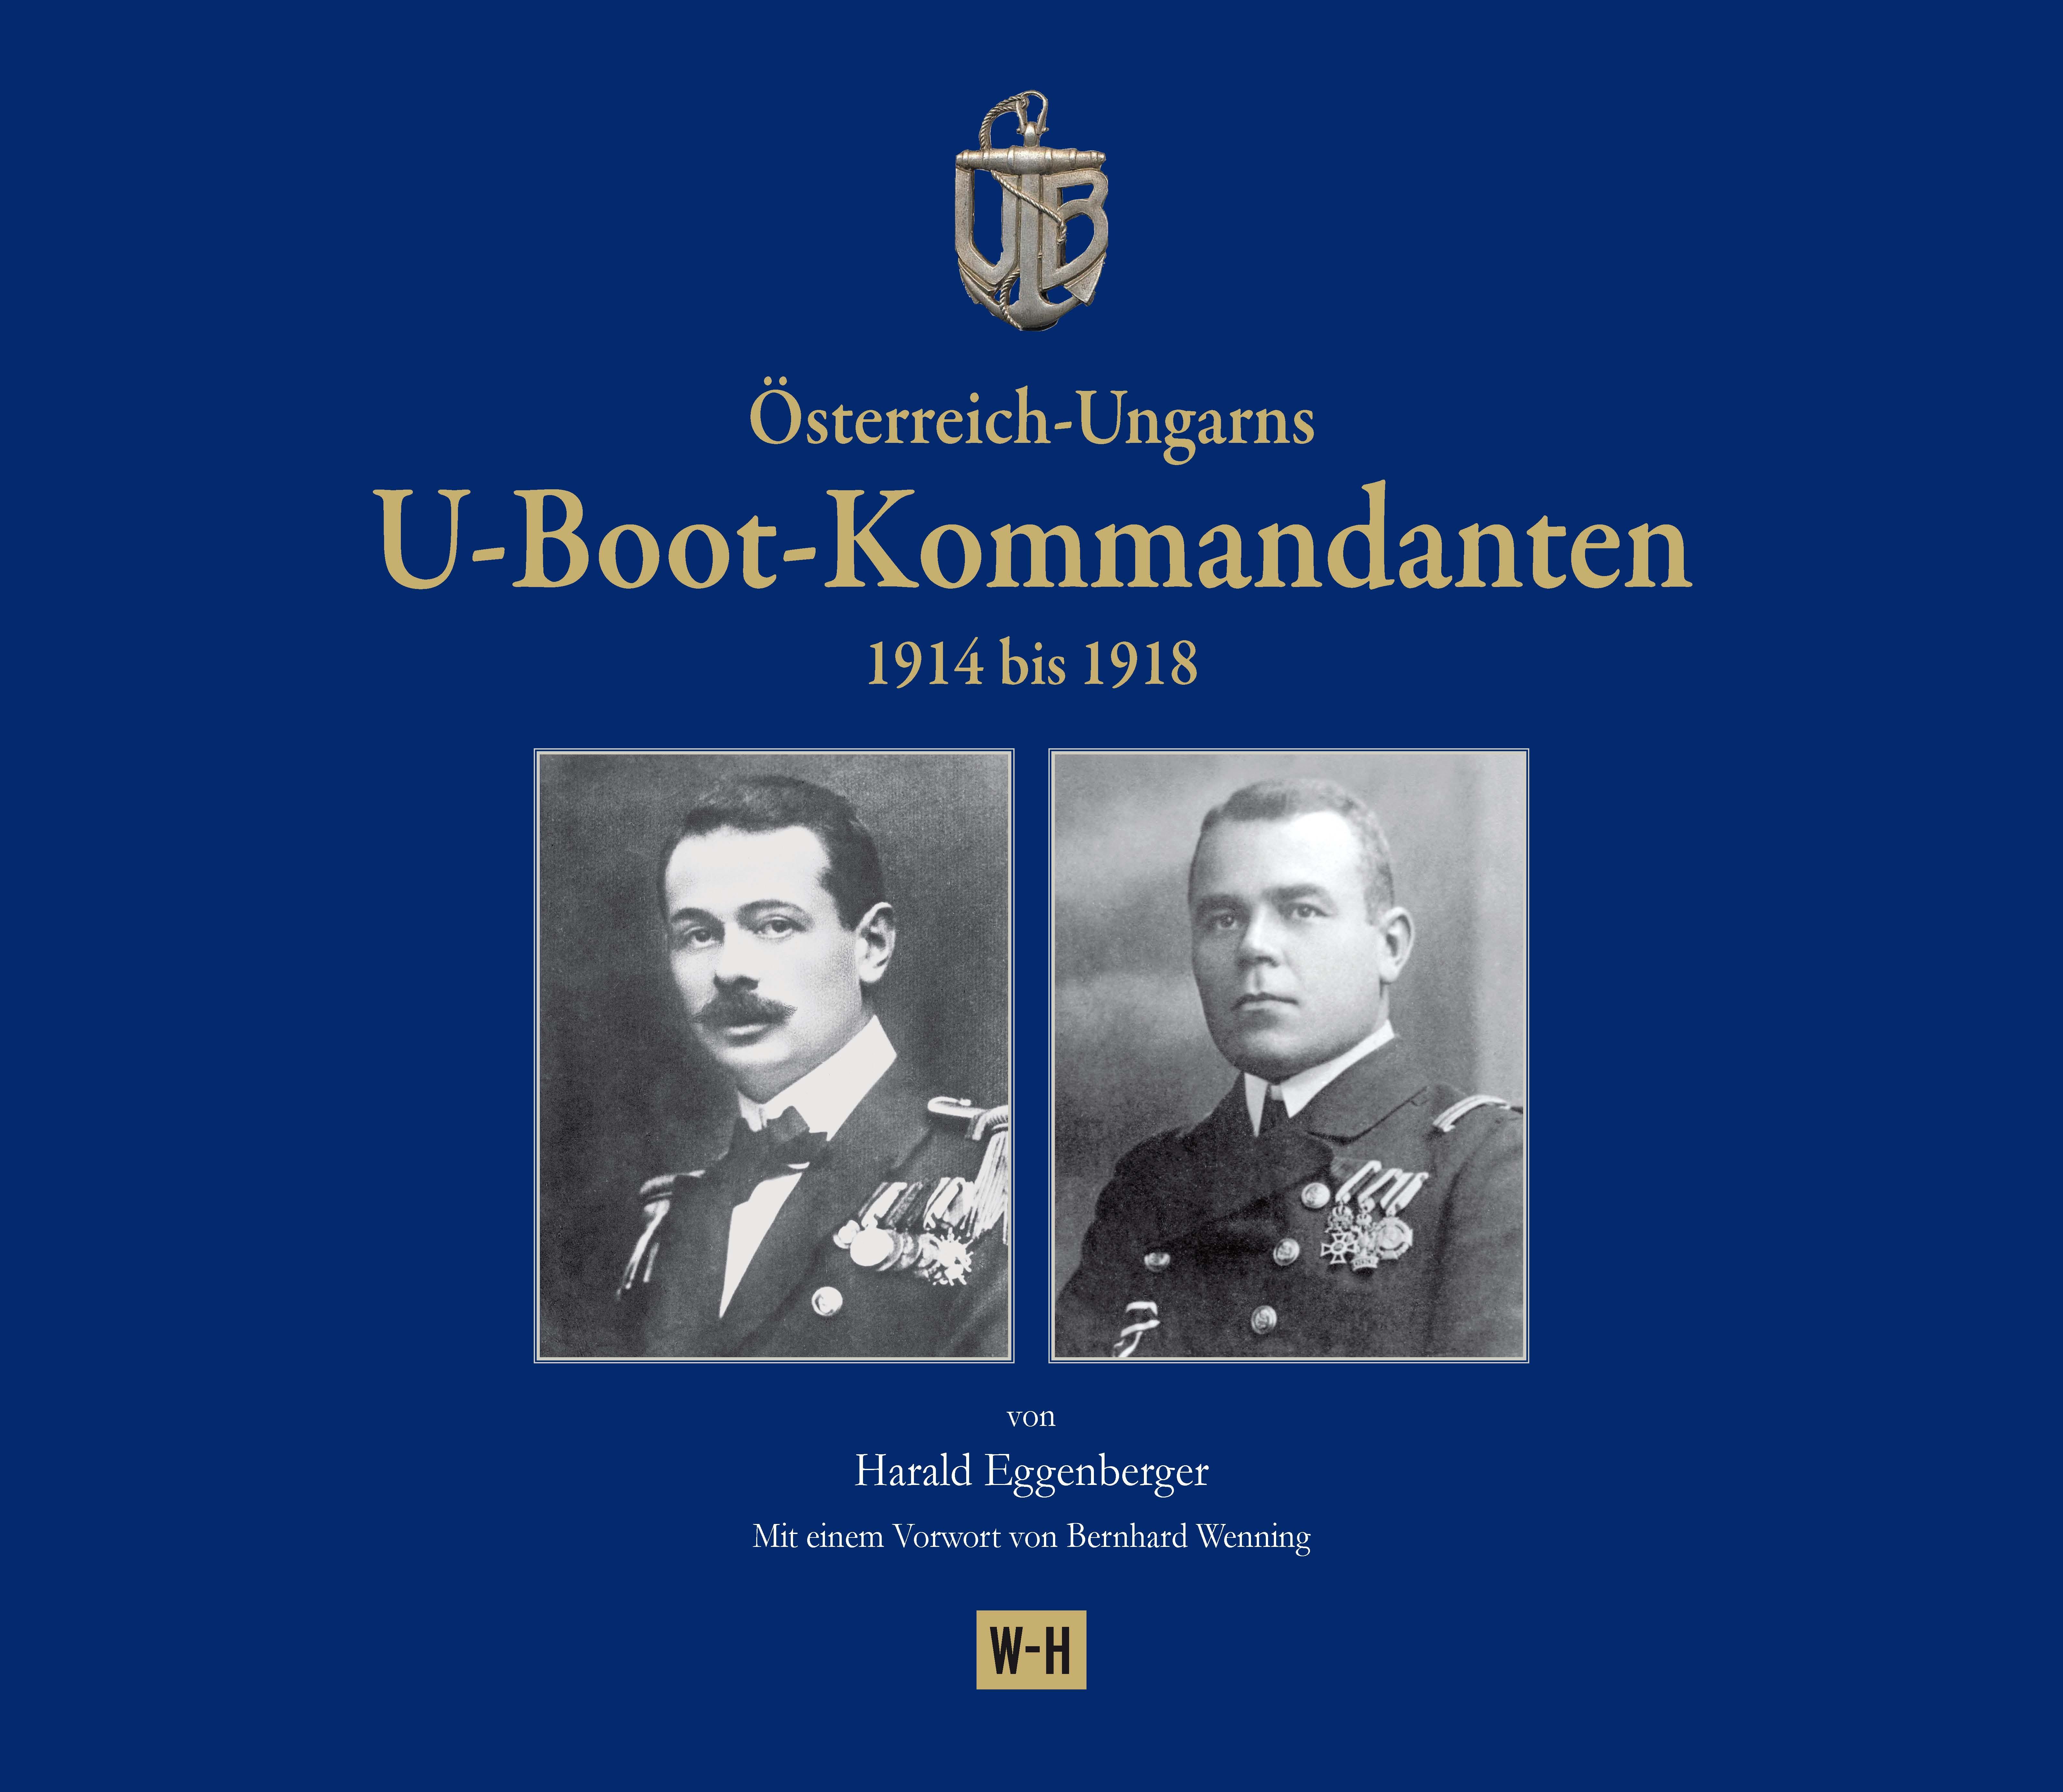 Harald Eggenberger / Österreich-Ungarns U-Boot-Kommandanten 9783950315134